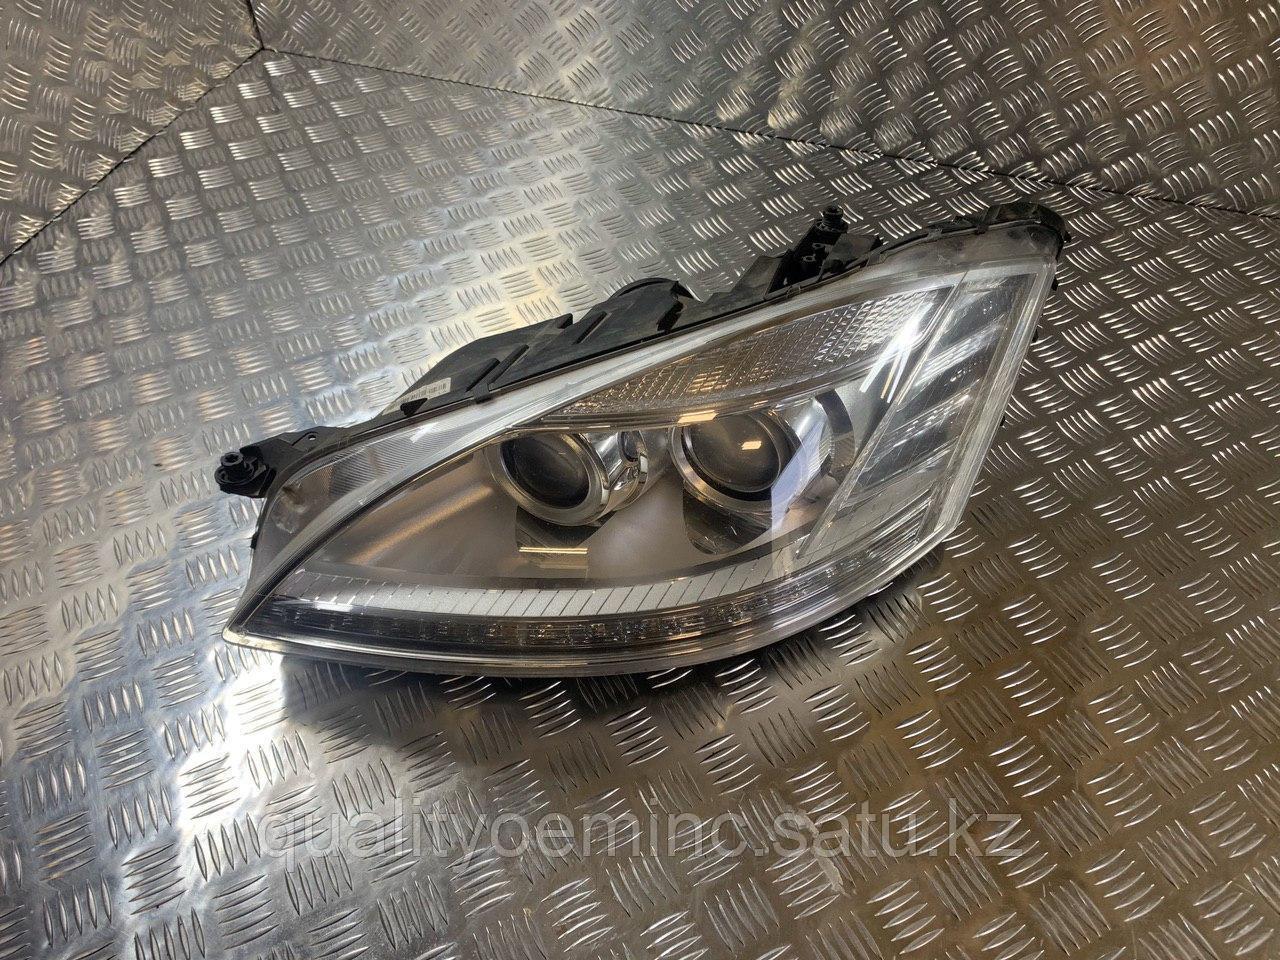 Фара левая на Mercedes-Benz S-Класс W221 [рестайлинг]